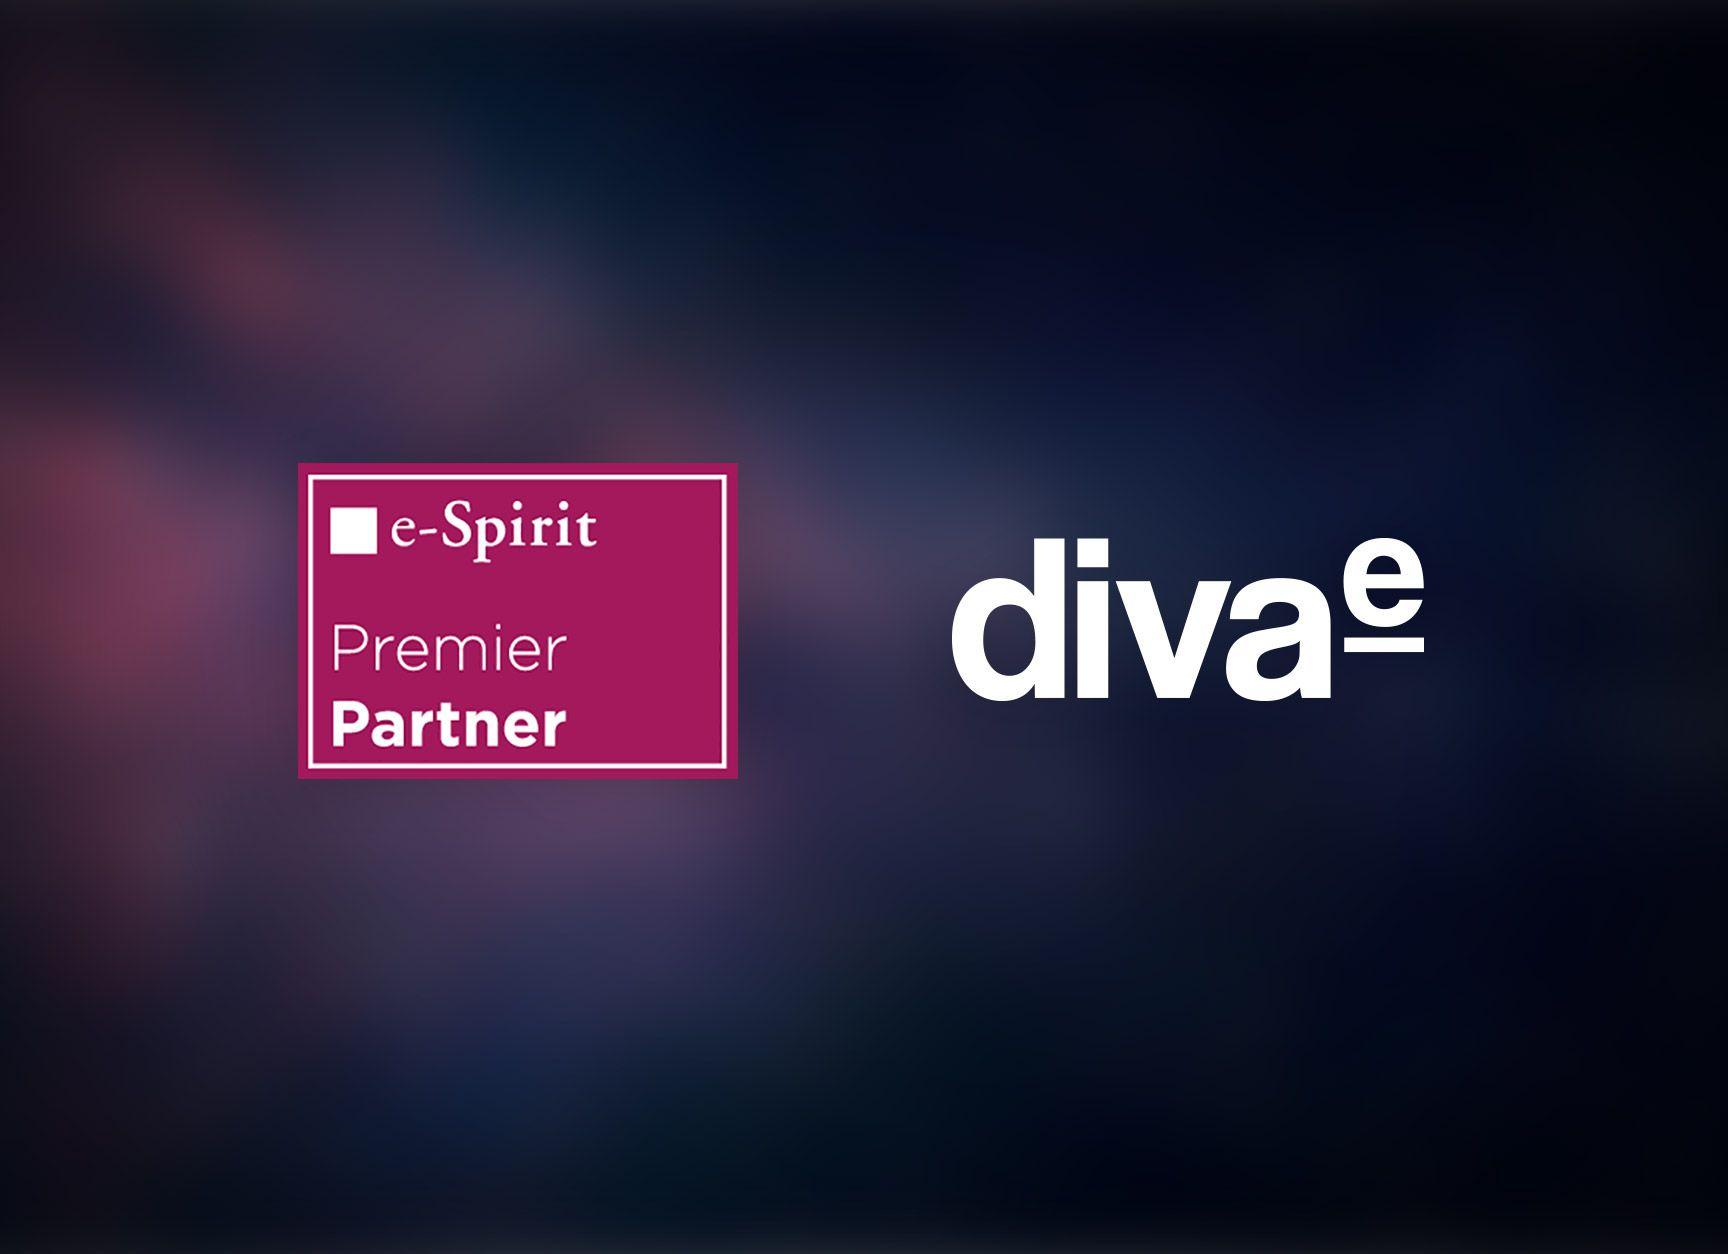 e-Spirit awards highest Premier Partner status to diva-e